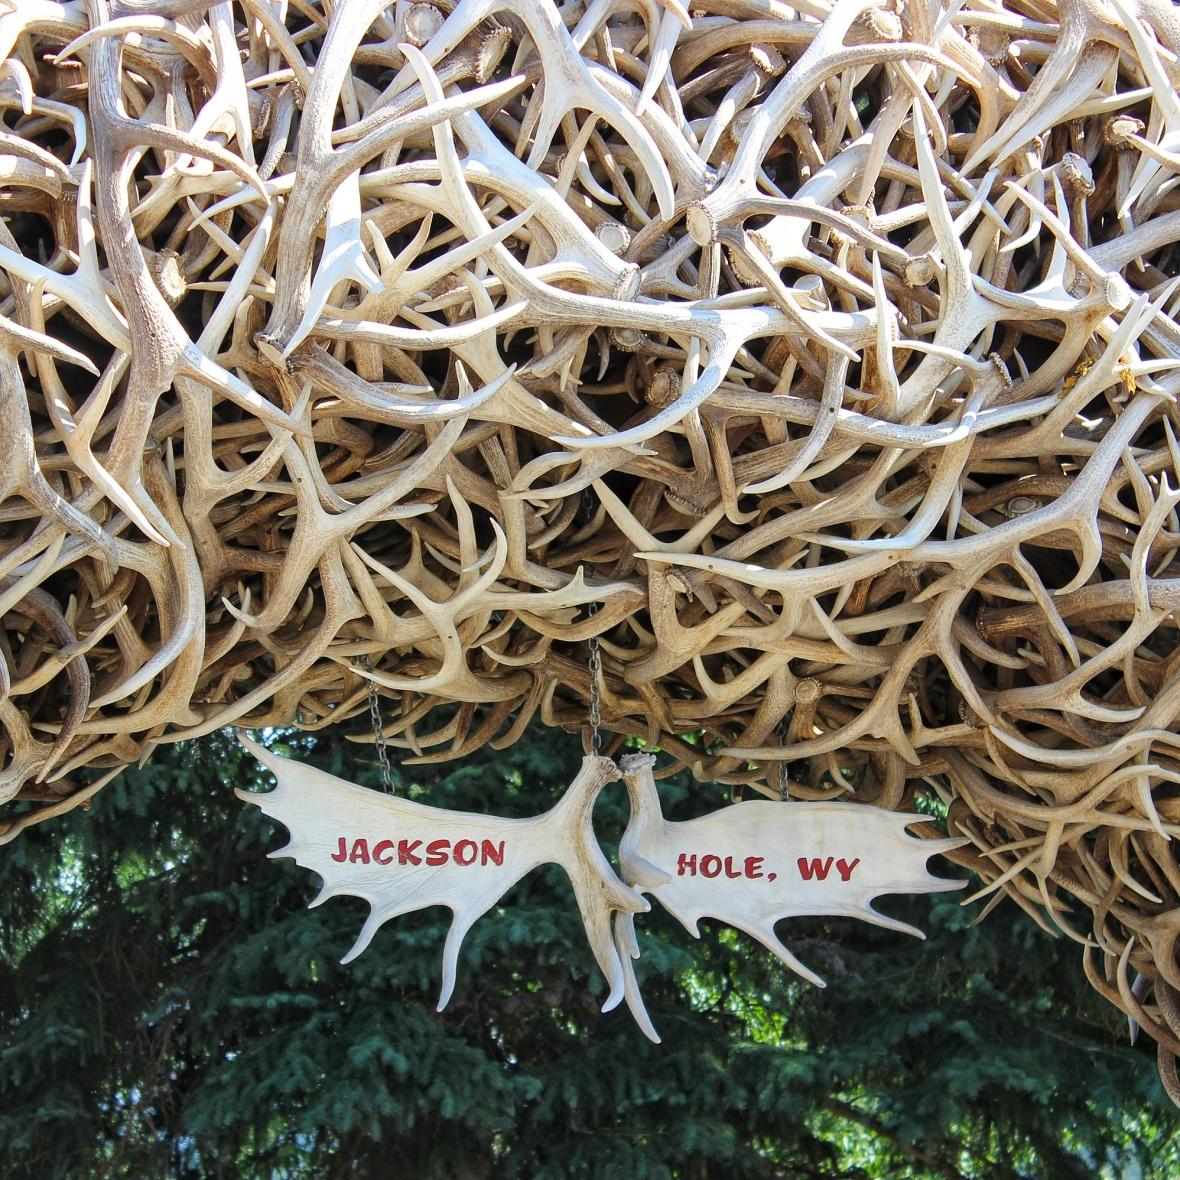 Jackson Hole Square Antelope Antlers Signage